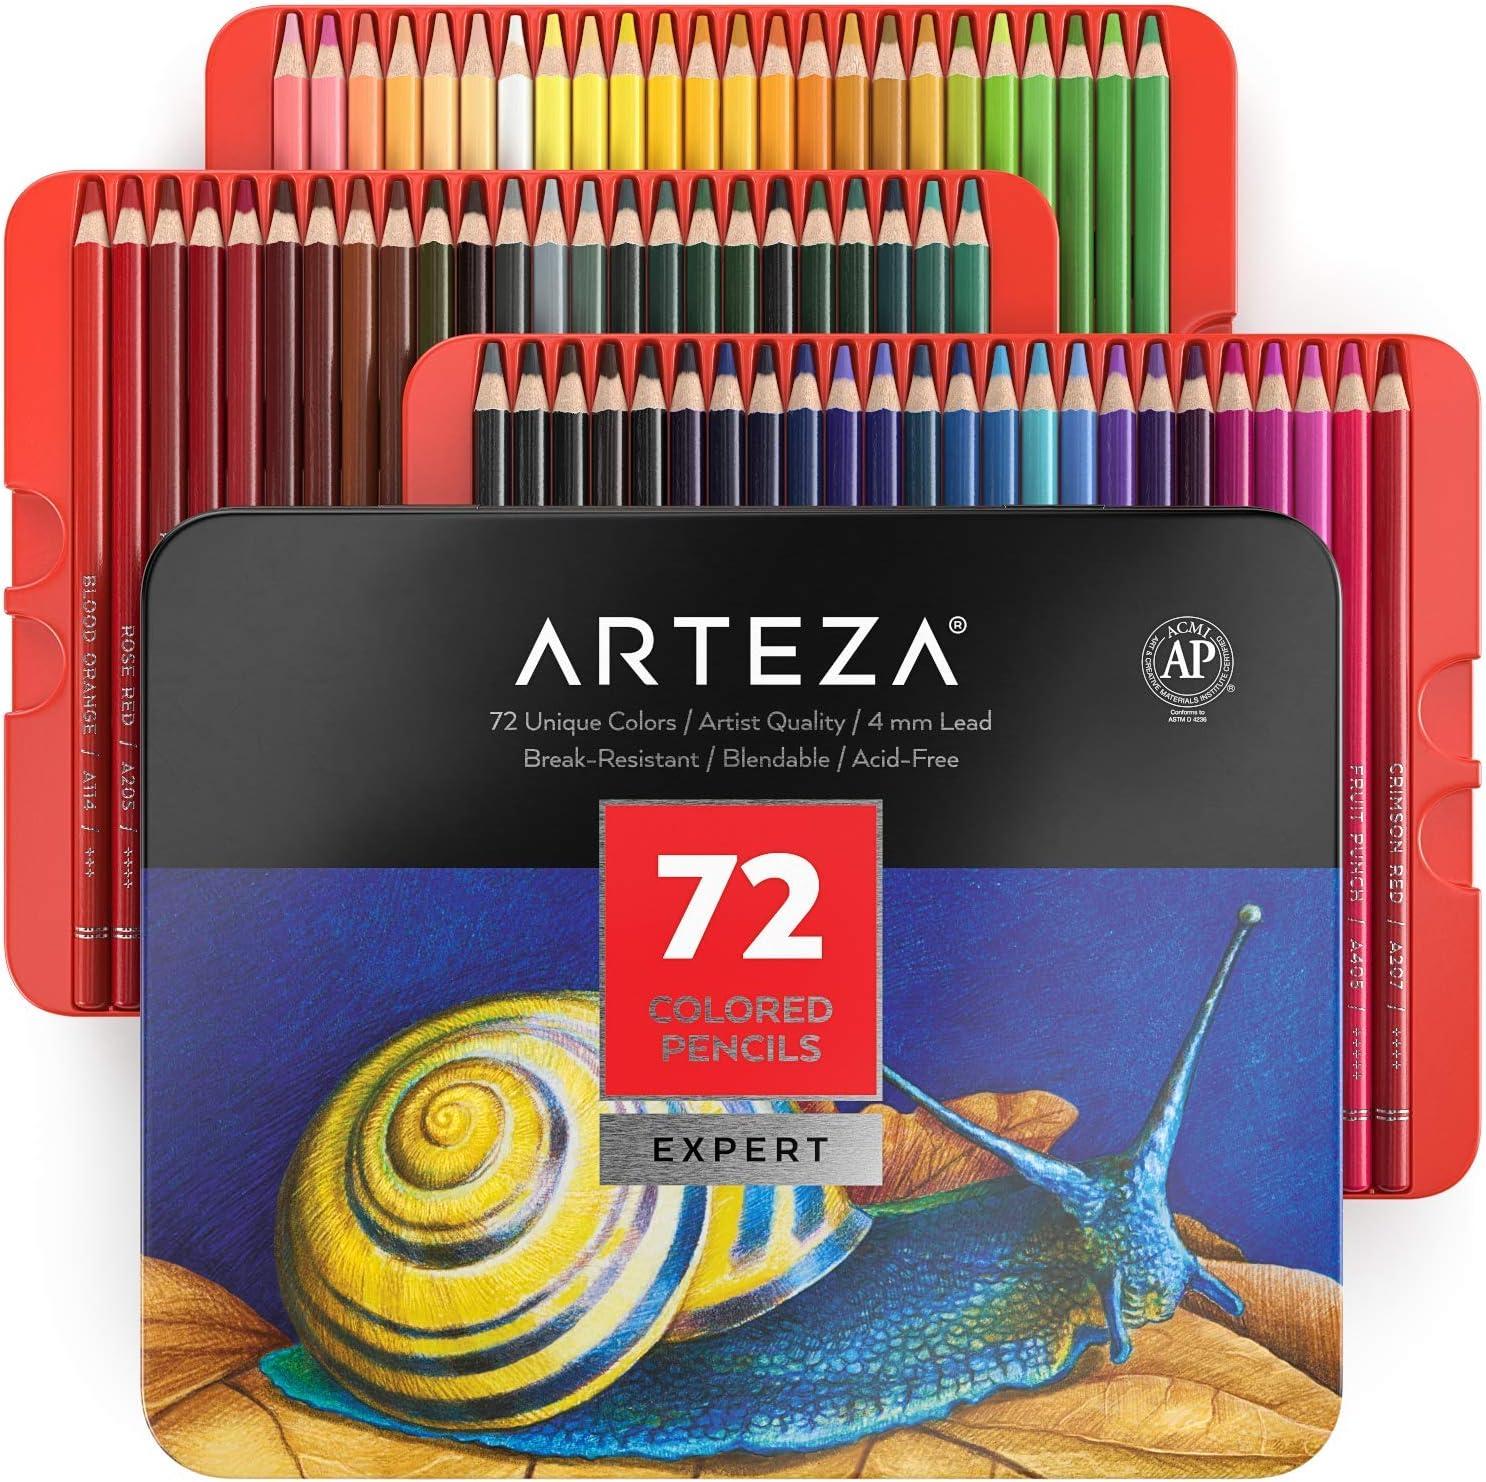 Arteza Colored Pencils, Set of 72 Colors